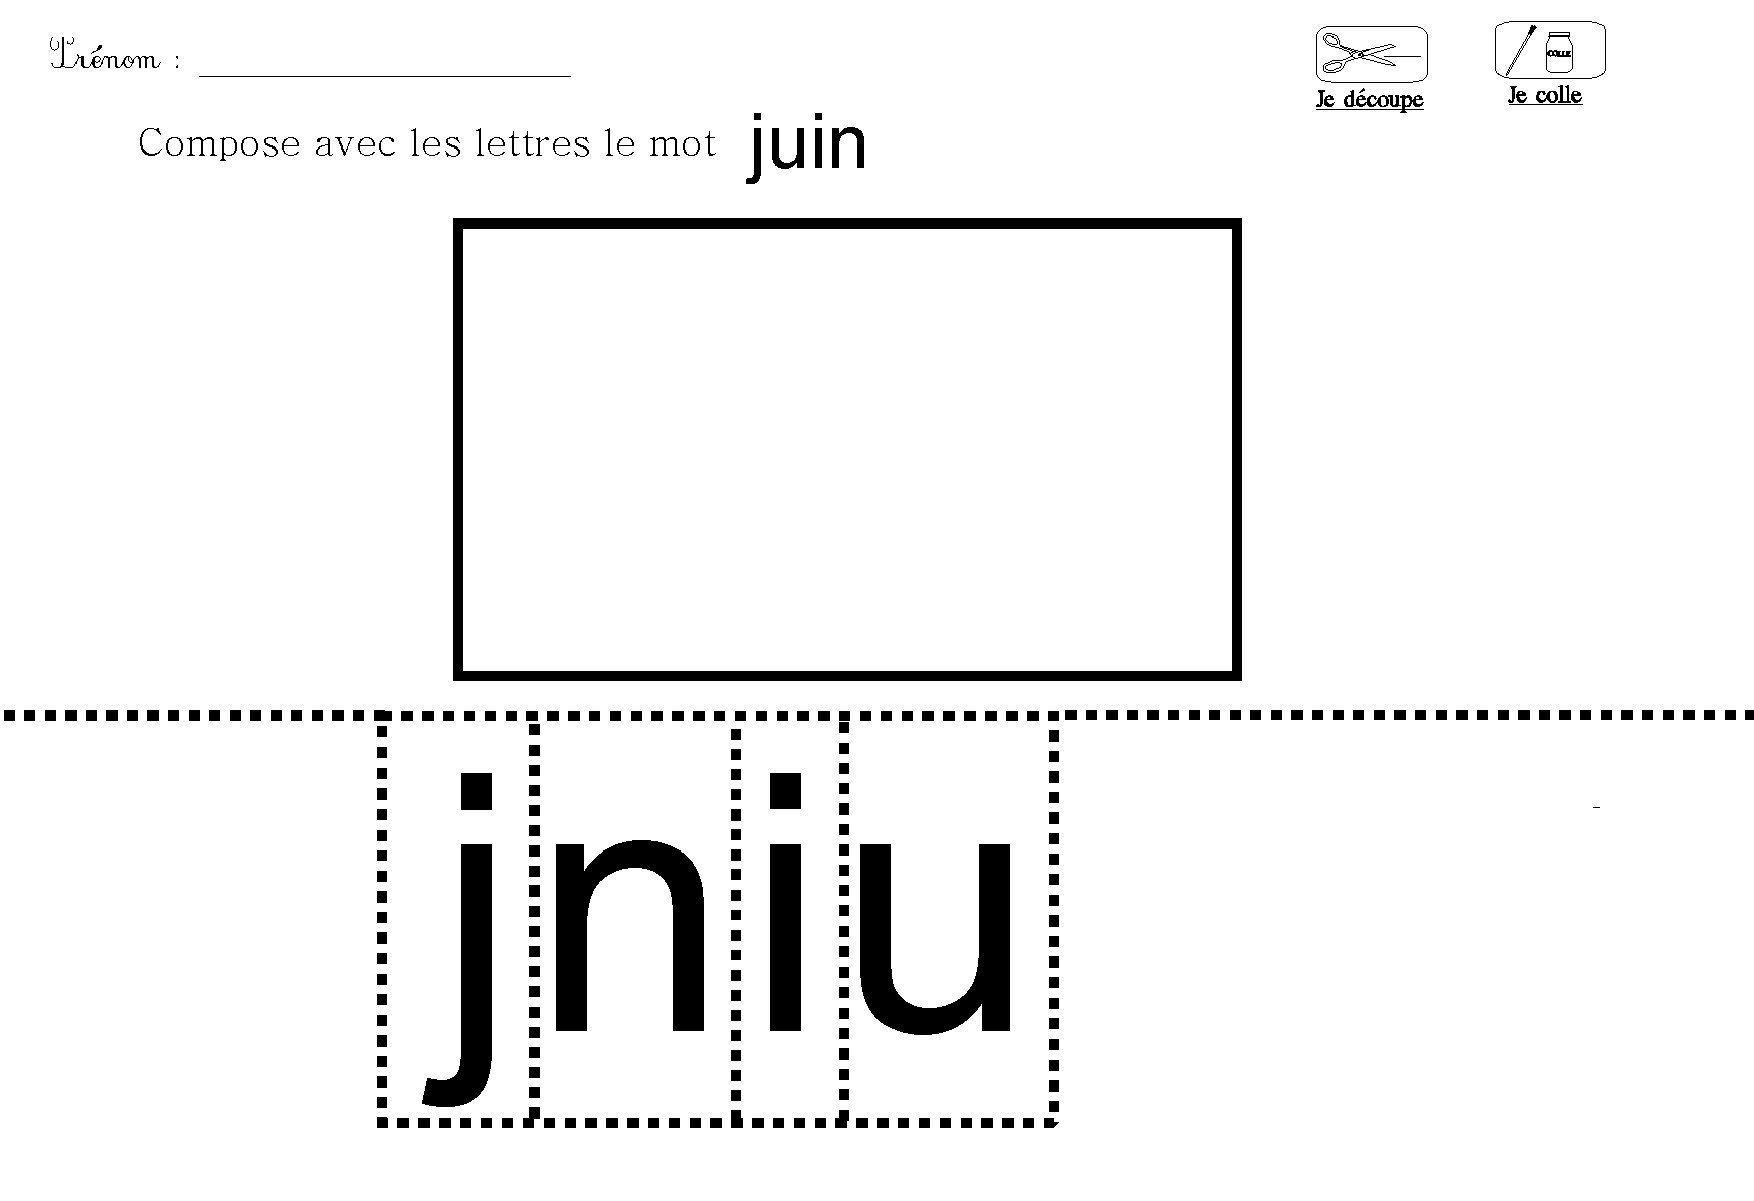 Lecture Decouper Et Coller Les Lettres Du Mois Juin Lettres dedans Point À Relier Alphabet